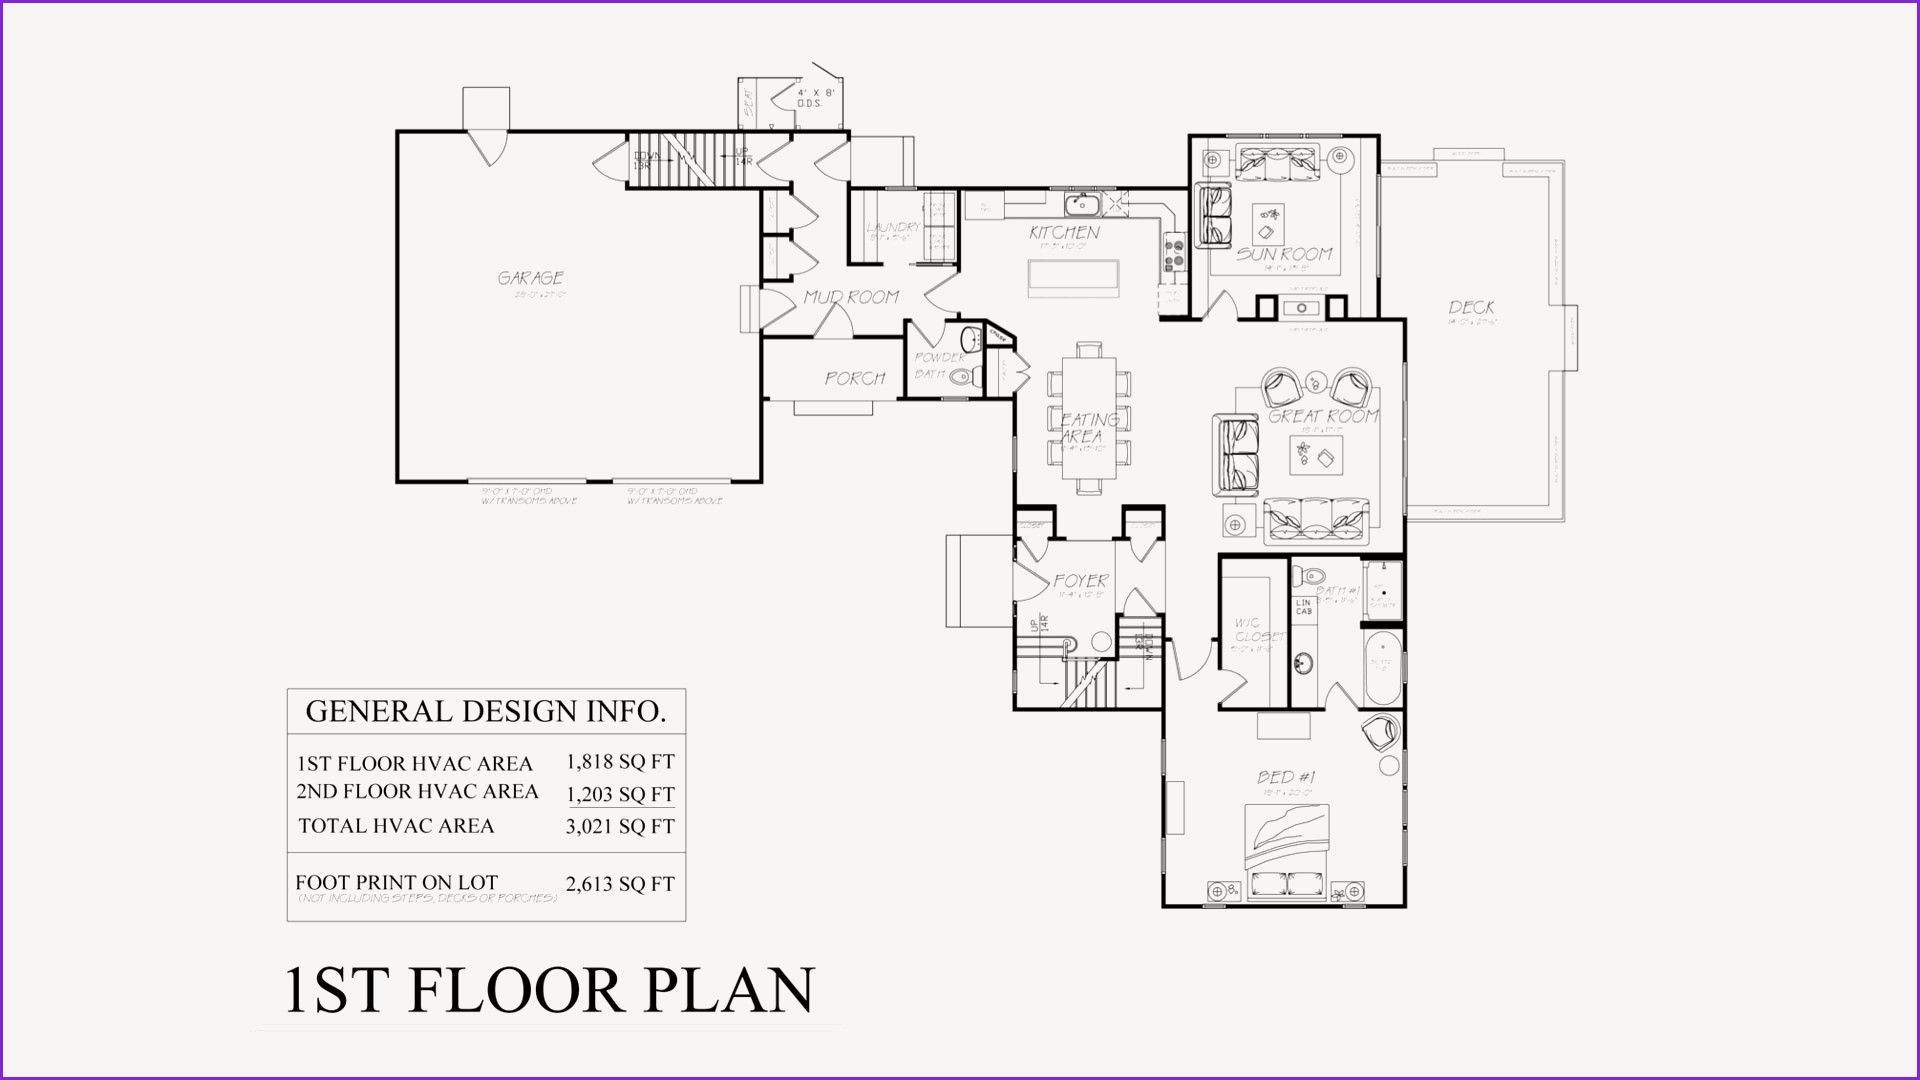 Genial Wie Sie Ihre Eigenen Hausplane Zeichnen Awesome Wie Sie Ihre Eigenen Hausplane Zeichnen Wie Sie Ihre Eigenen Hausplane Ze En 2020 Memphis Los Angeles Thing 1